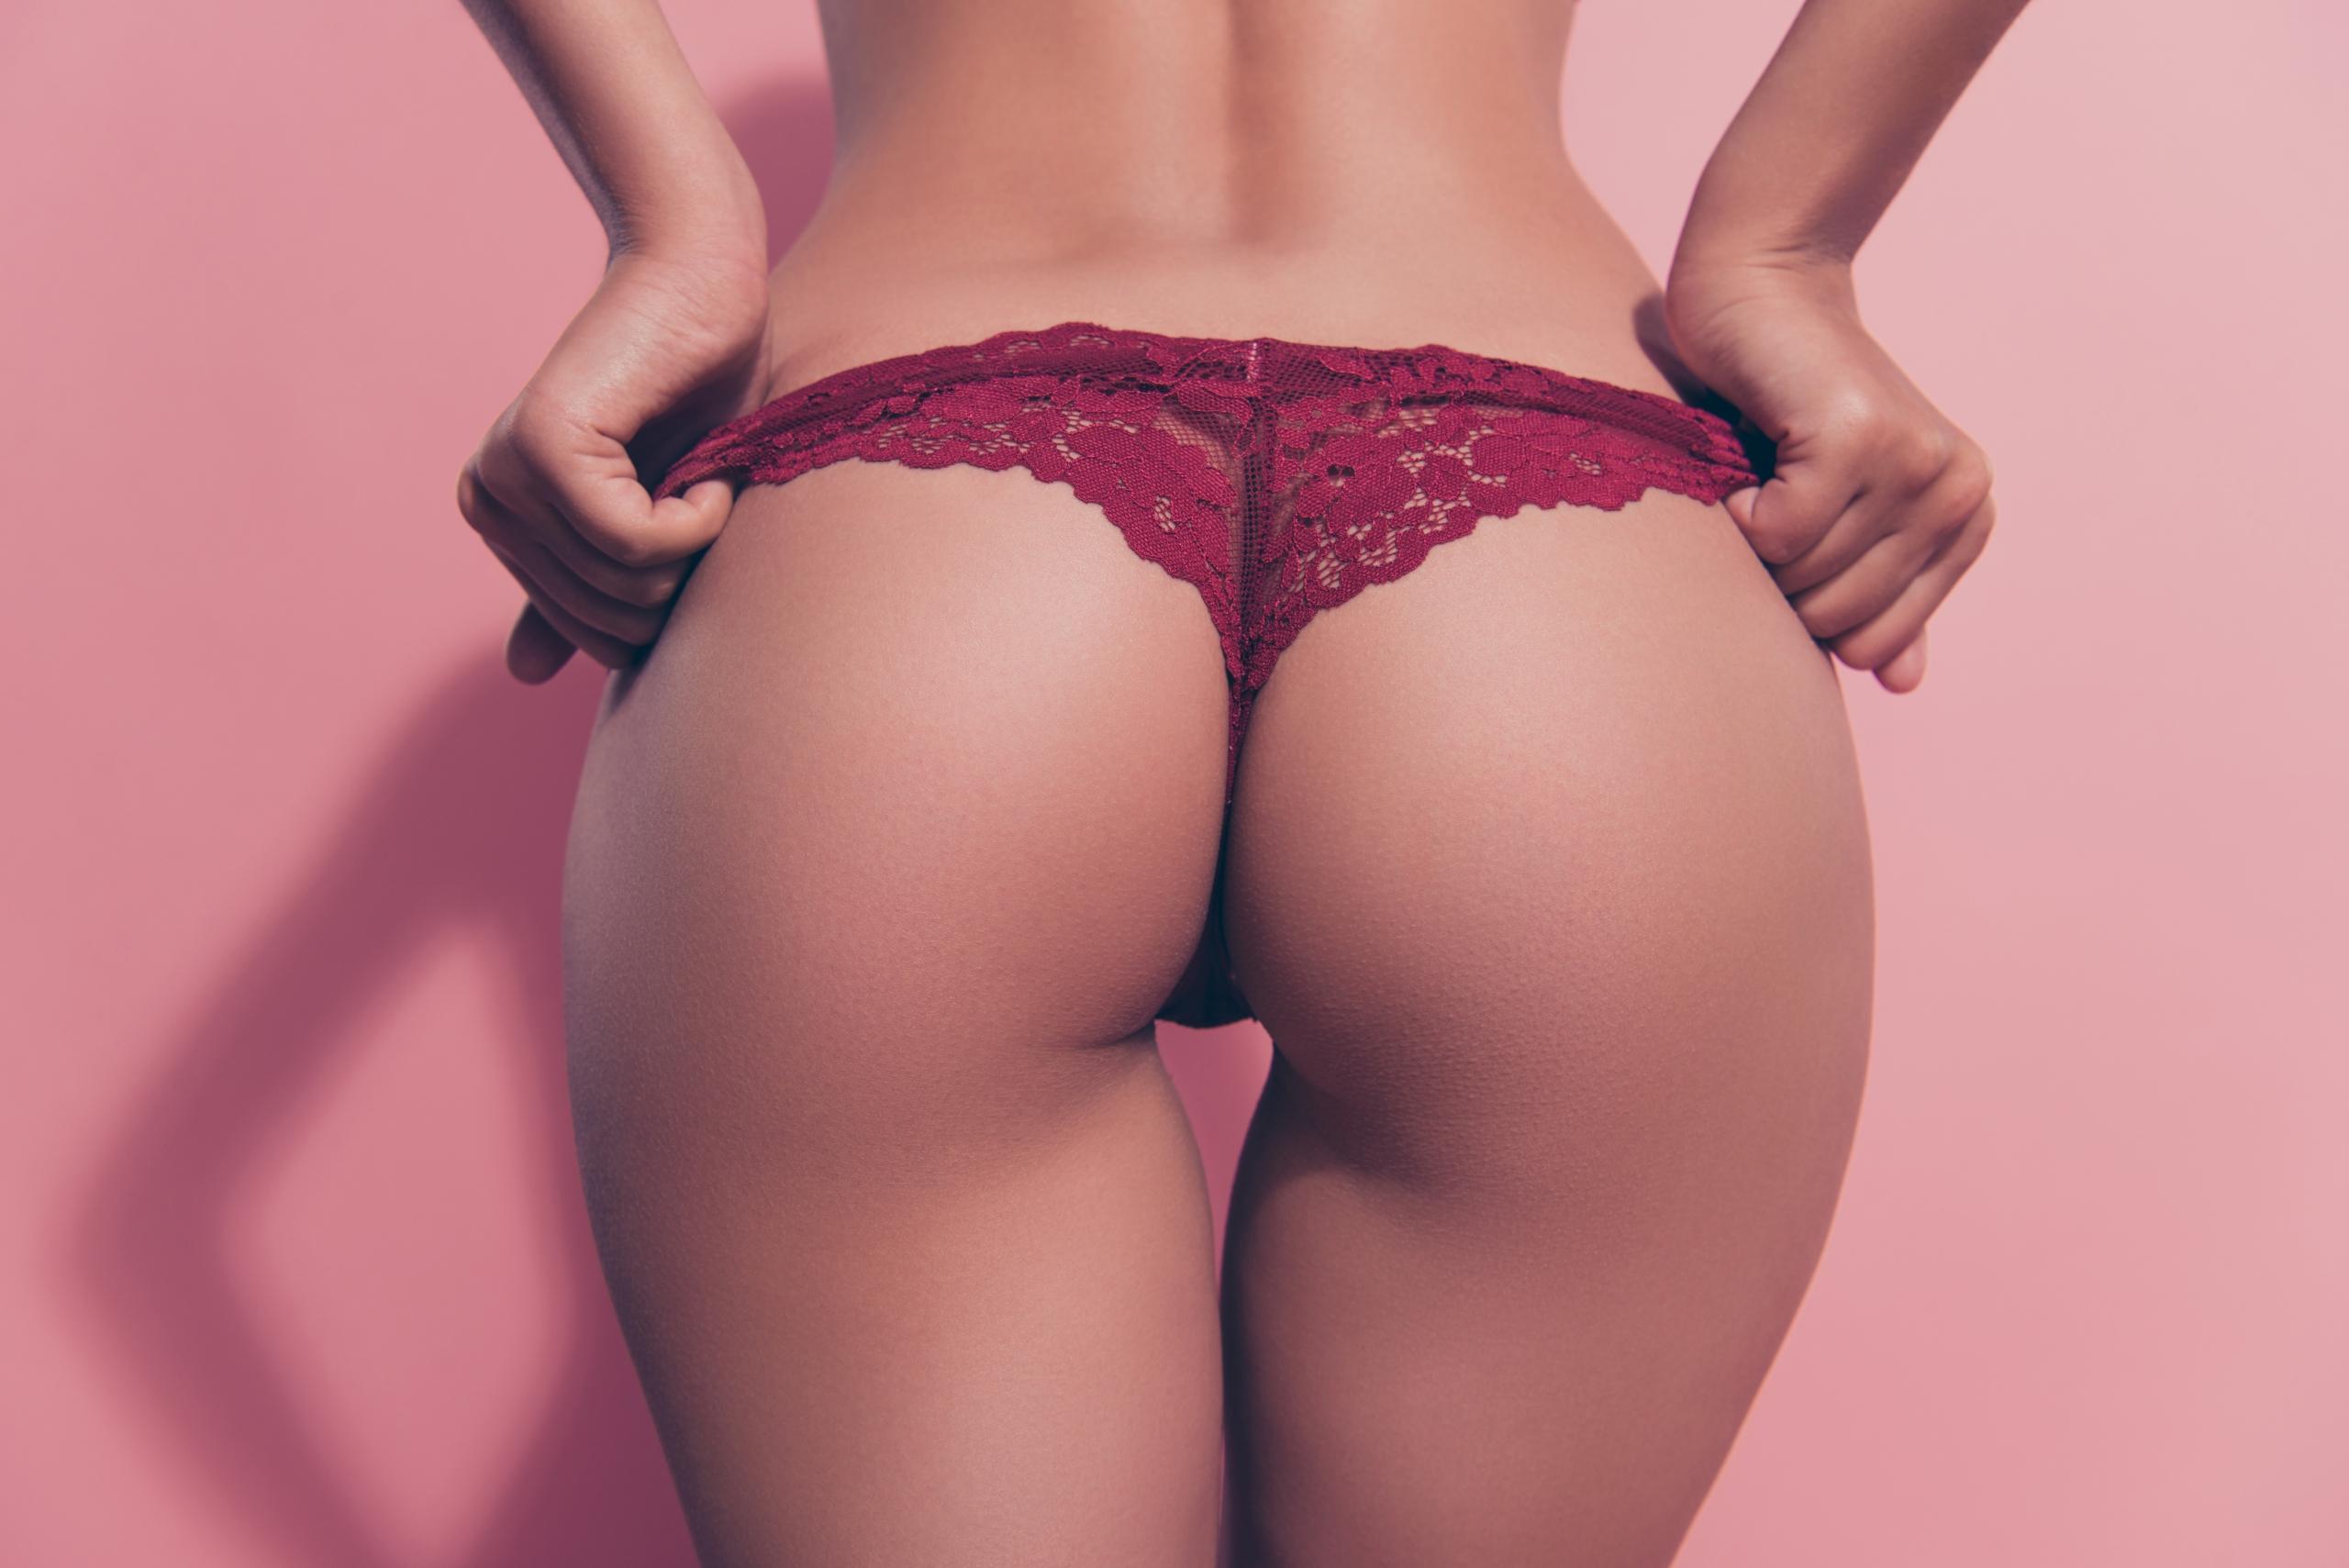 Hoe kun je een vrouw ultiem laten genieten van anale seks?